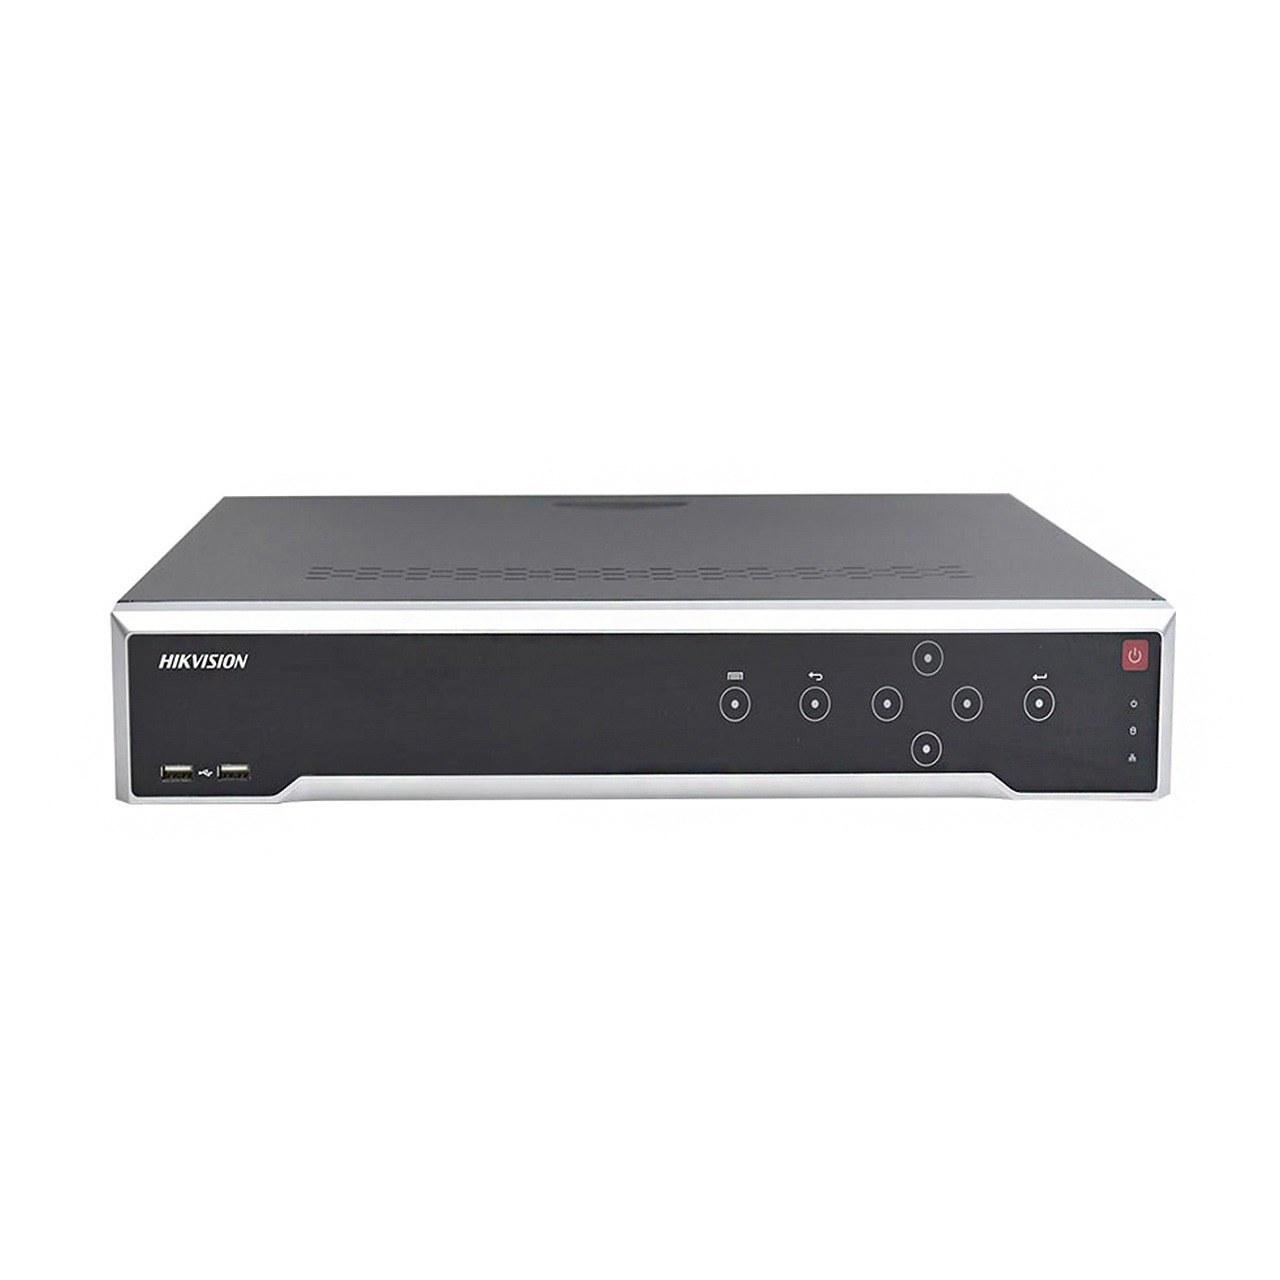 تصویر دستگاه NVR هایک ویژن مدل DS-7732NI-K4 ا DS-7732NI-K4 DS-7732NI-K4